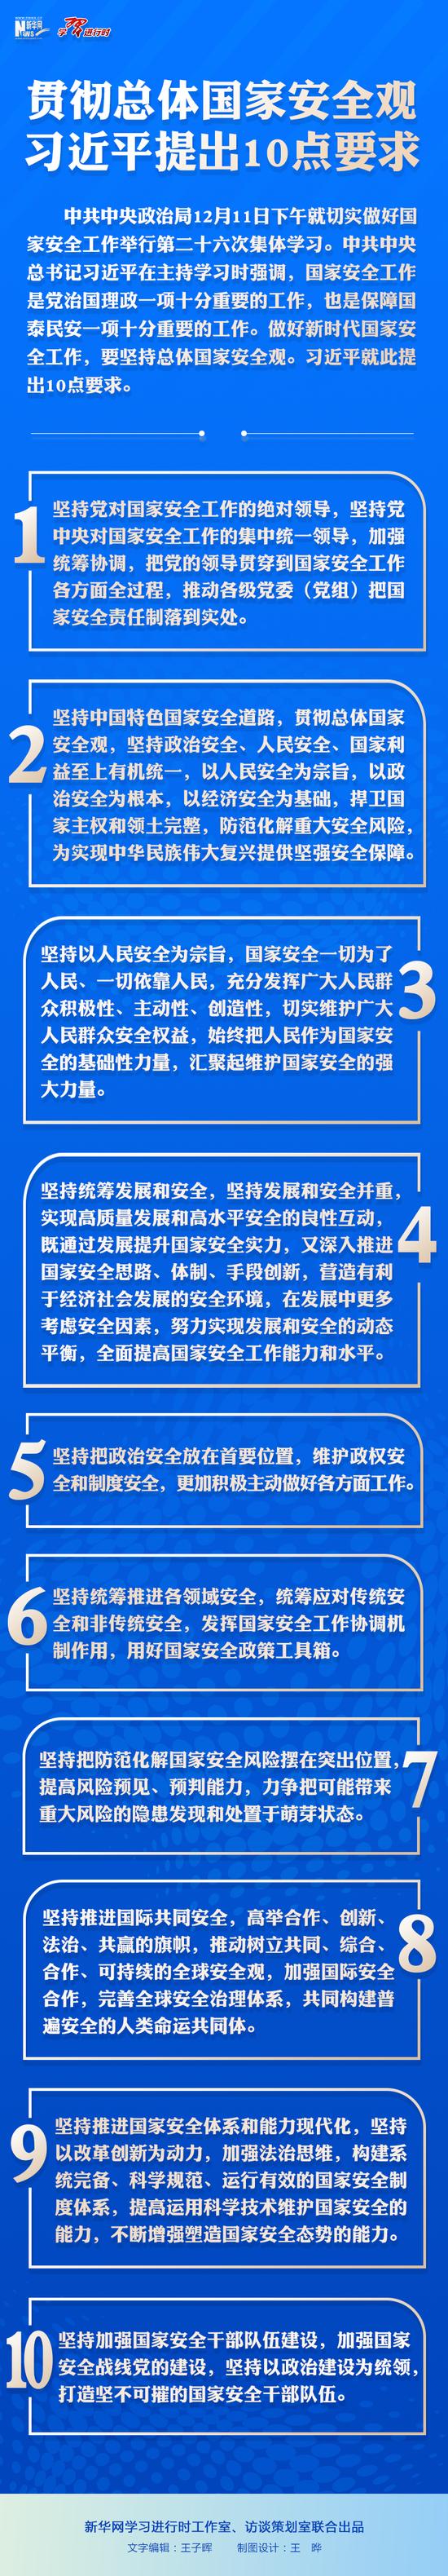 贯彻总体国家安全观 习近平提出10点要求图片